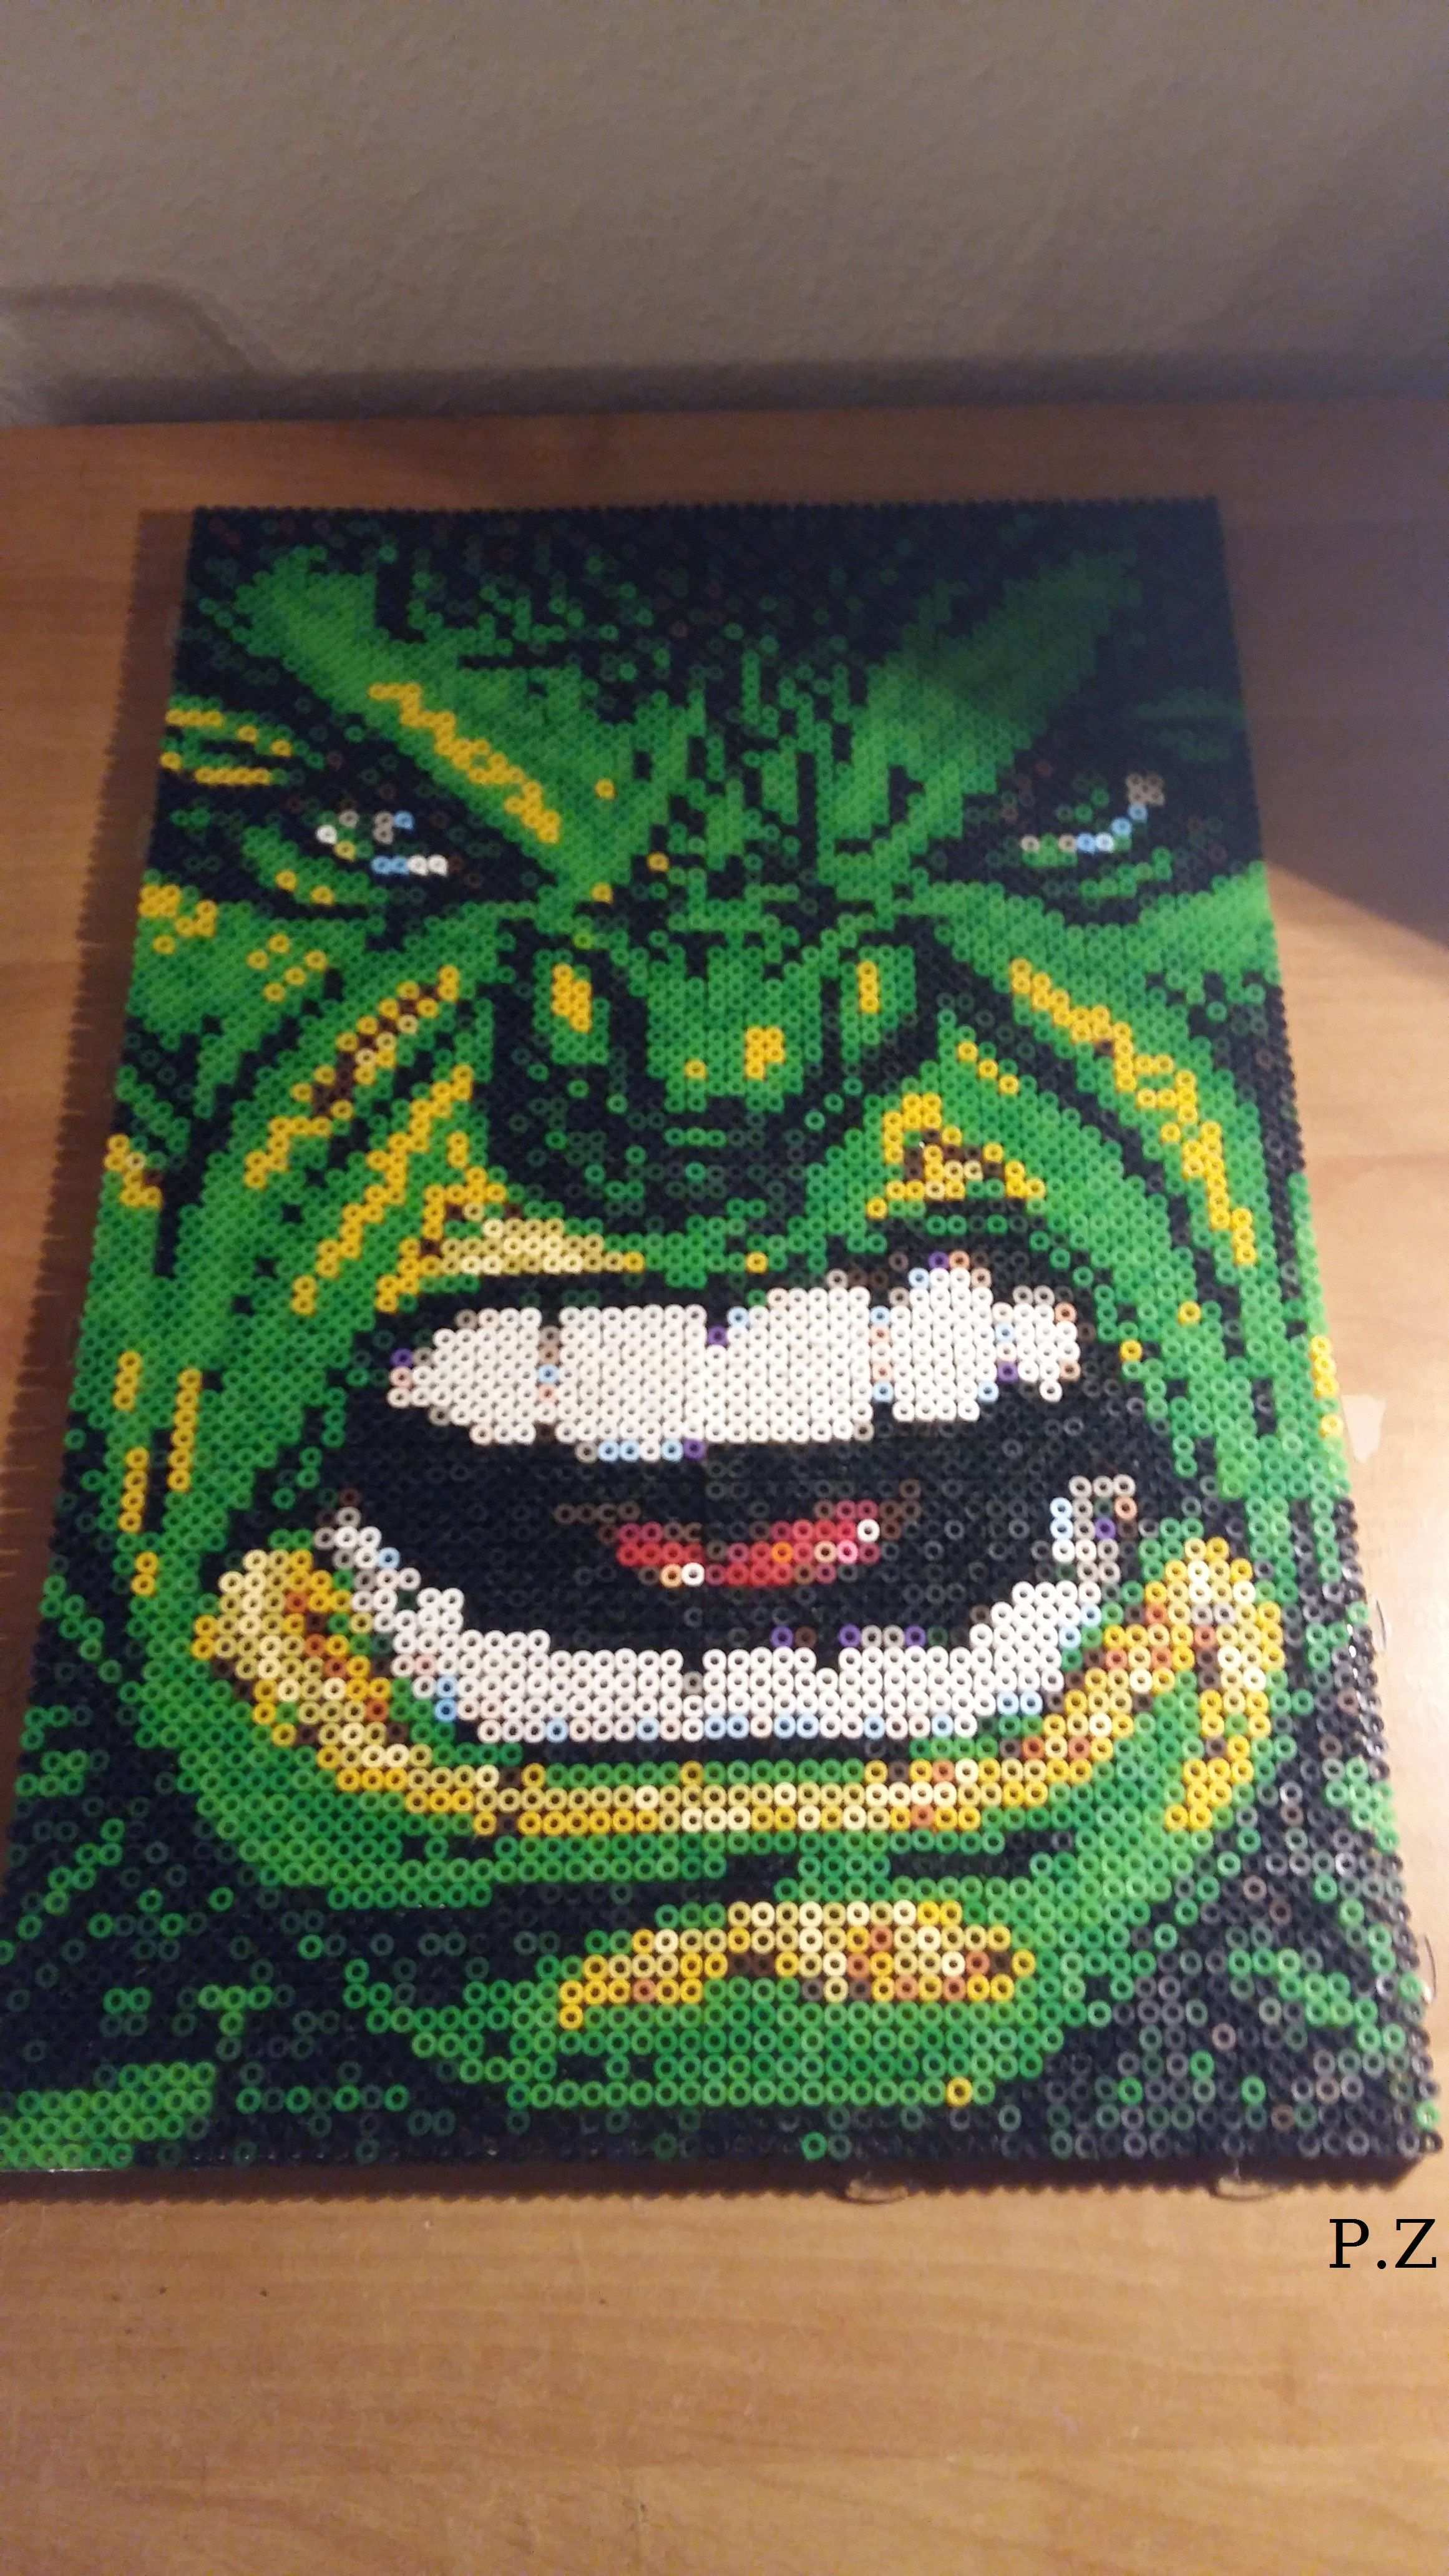 Hulk Photo Pearls Selbst Gesteckt Von Pia Bugelperlen Hama Bugelperlen Bugelperlenvorlagen